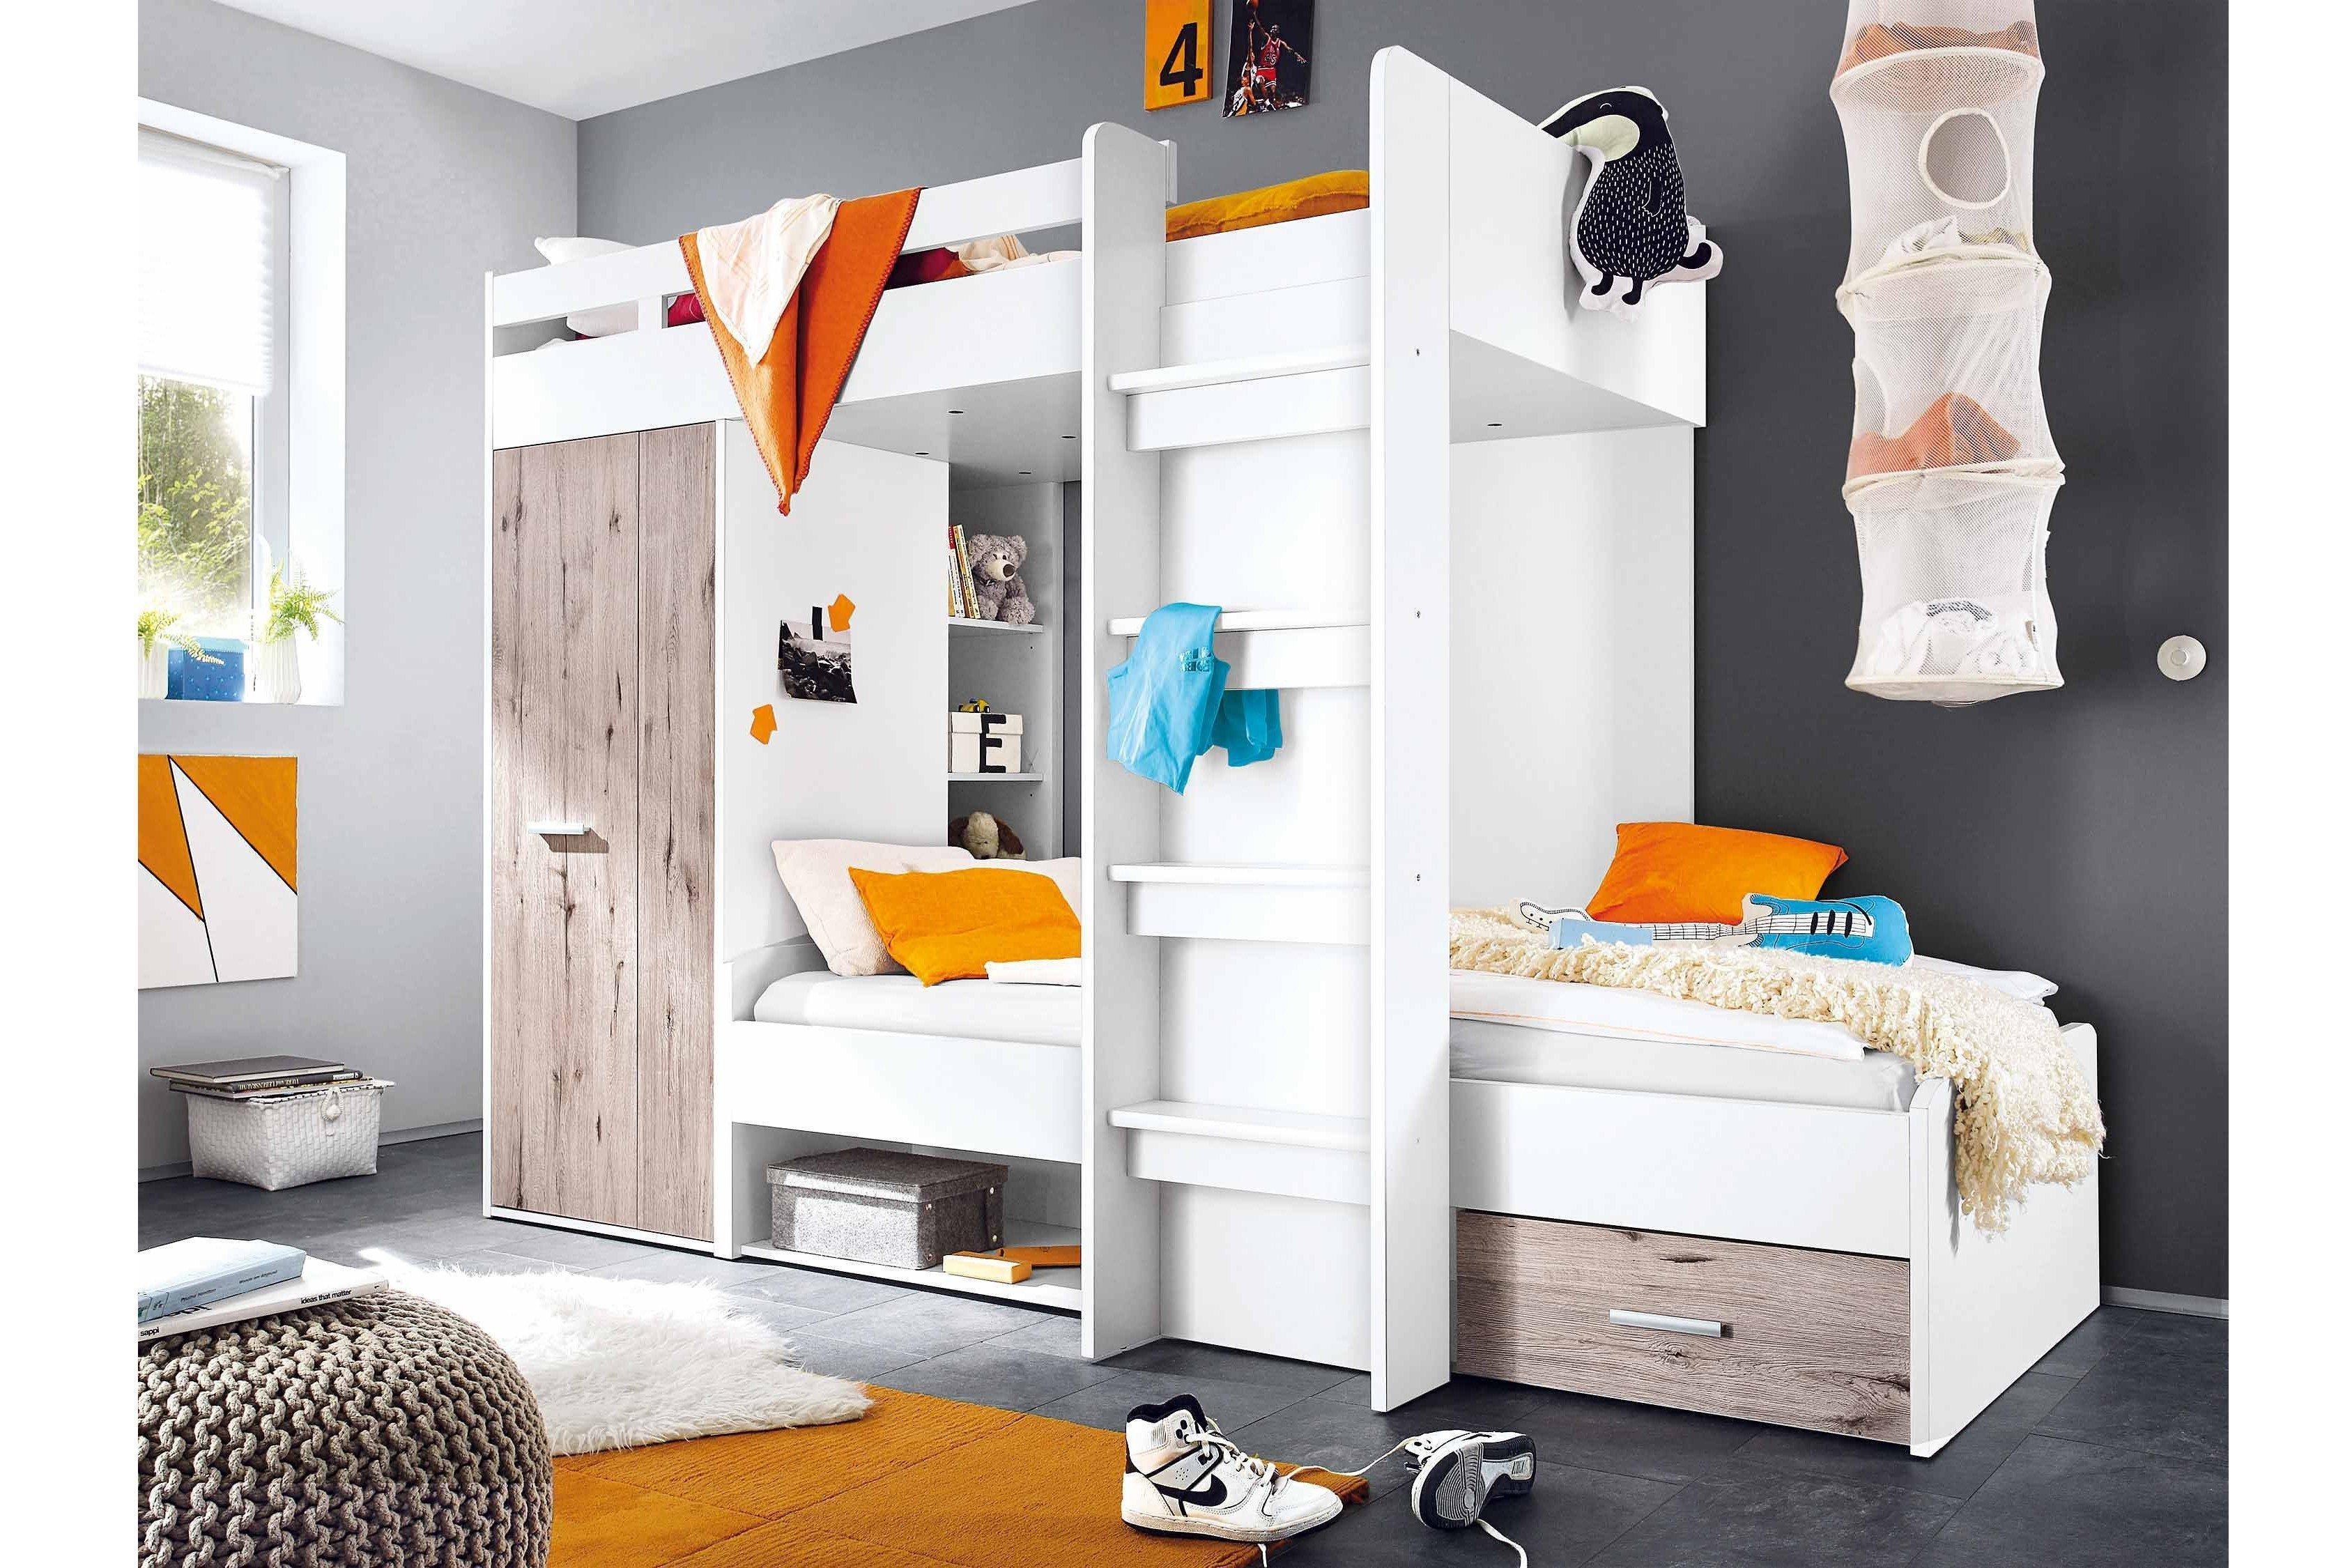 Etagenbett Liegefläche 80 180 : Pol power maxi hochbett mit 2 liegeflächen weiß möbel letz ihr